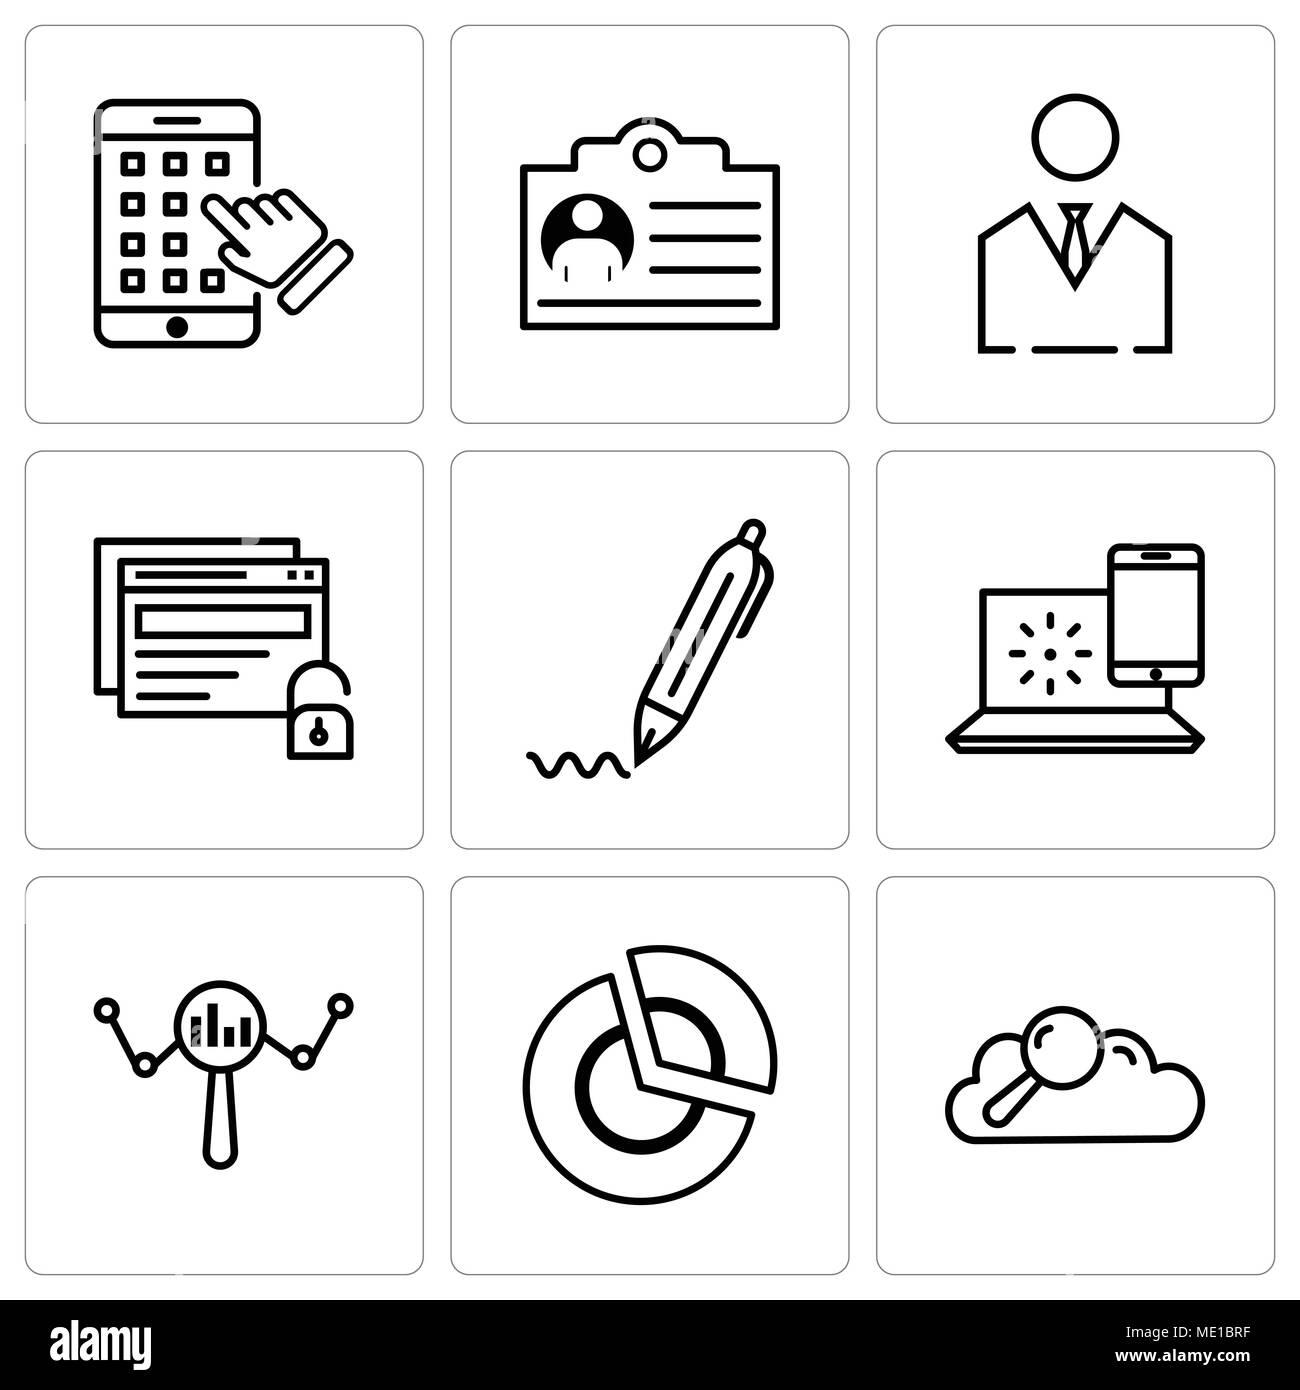 Ricerca Per Immagini Mobile set di 9 semplici icone modificabili quali la ricerca di